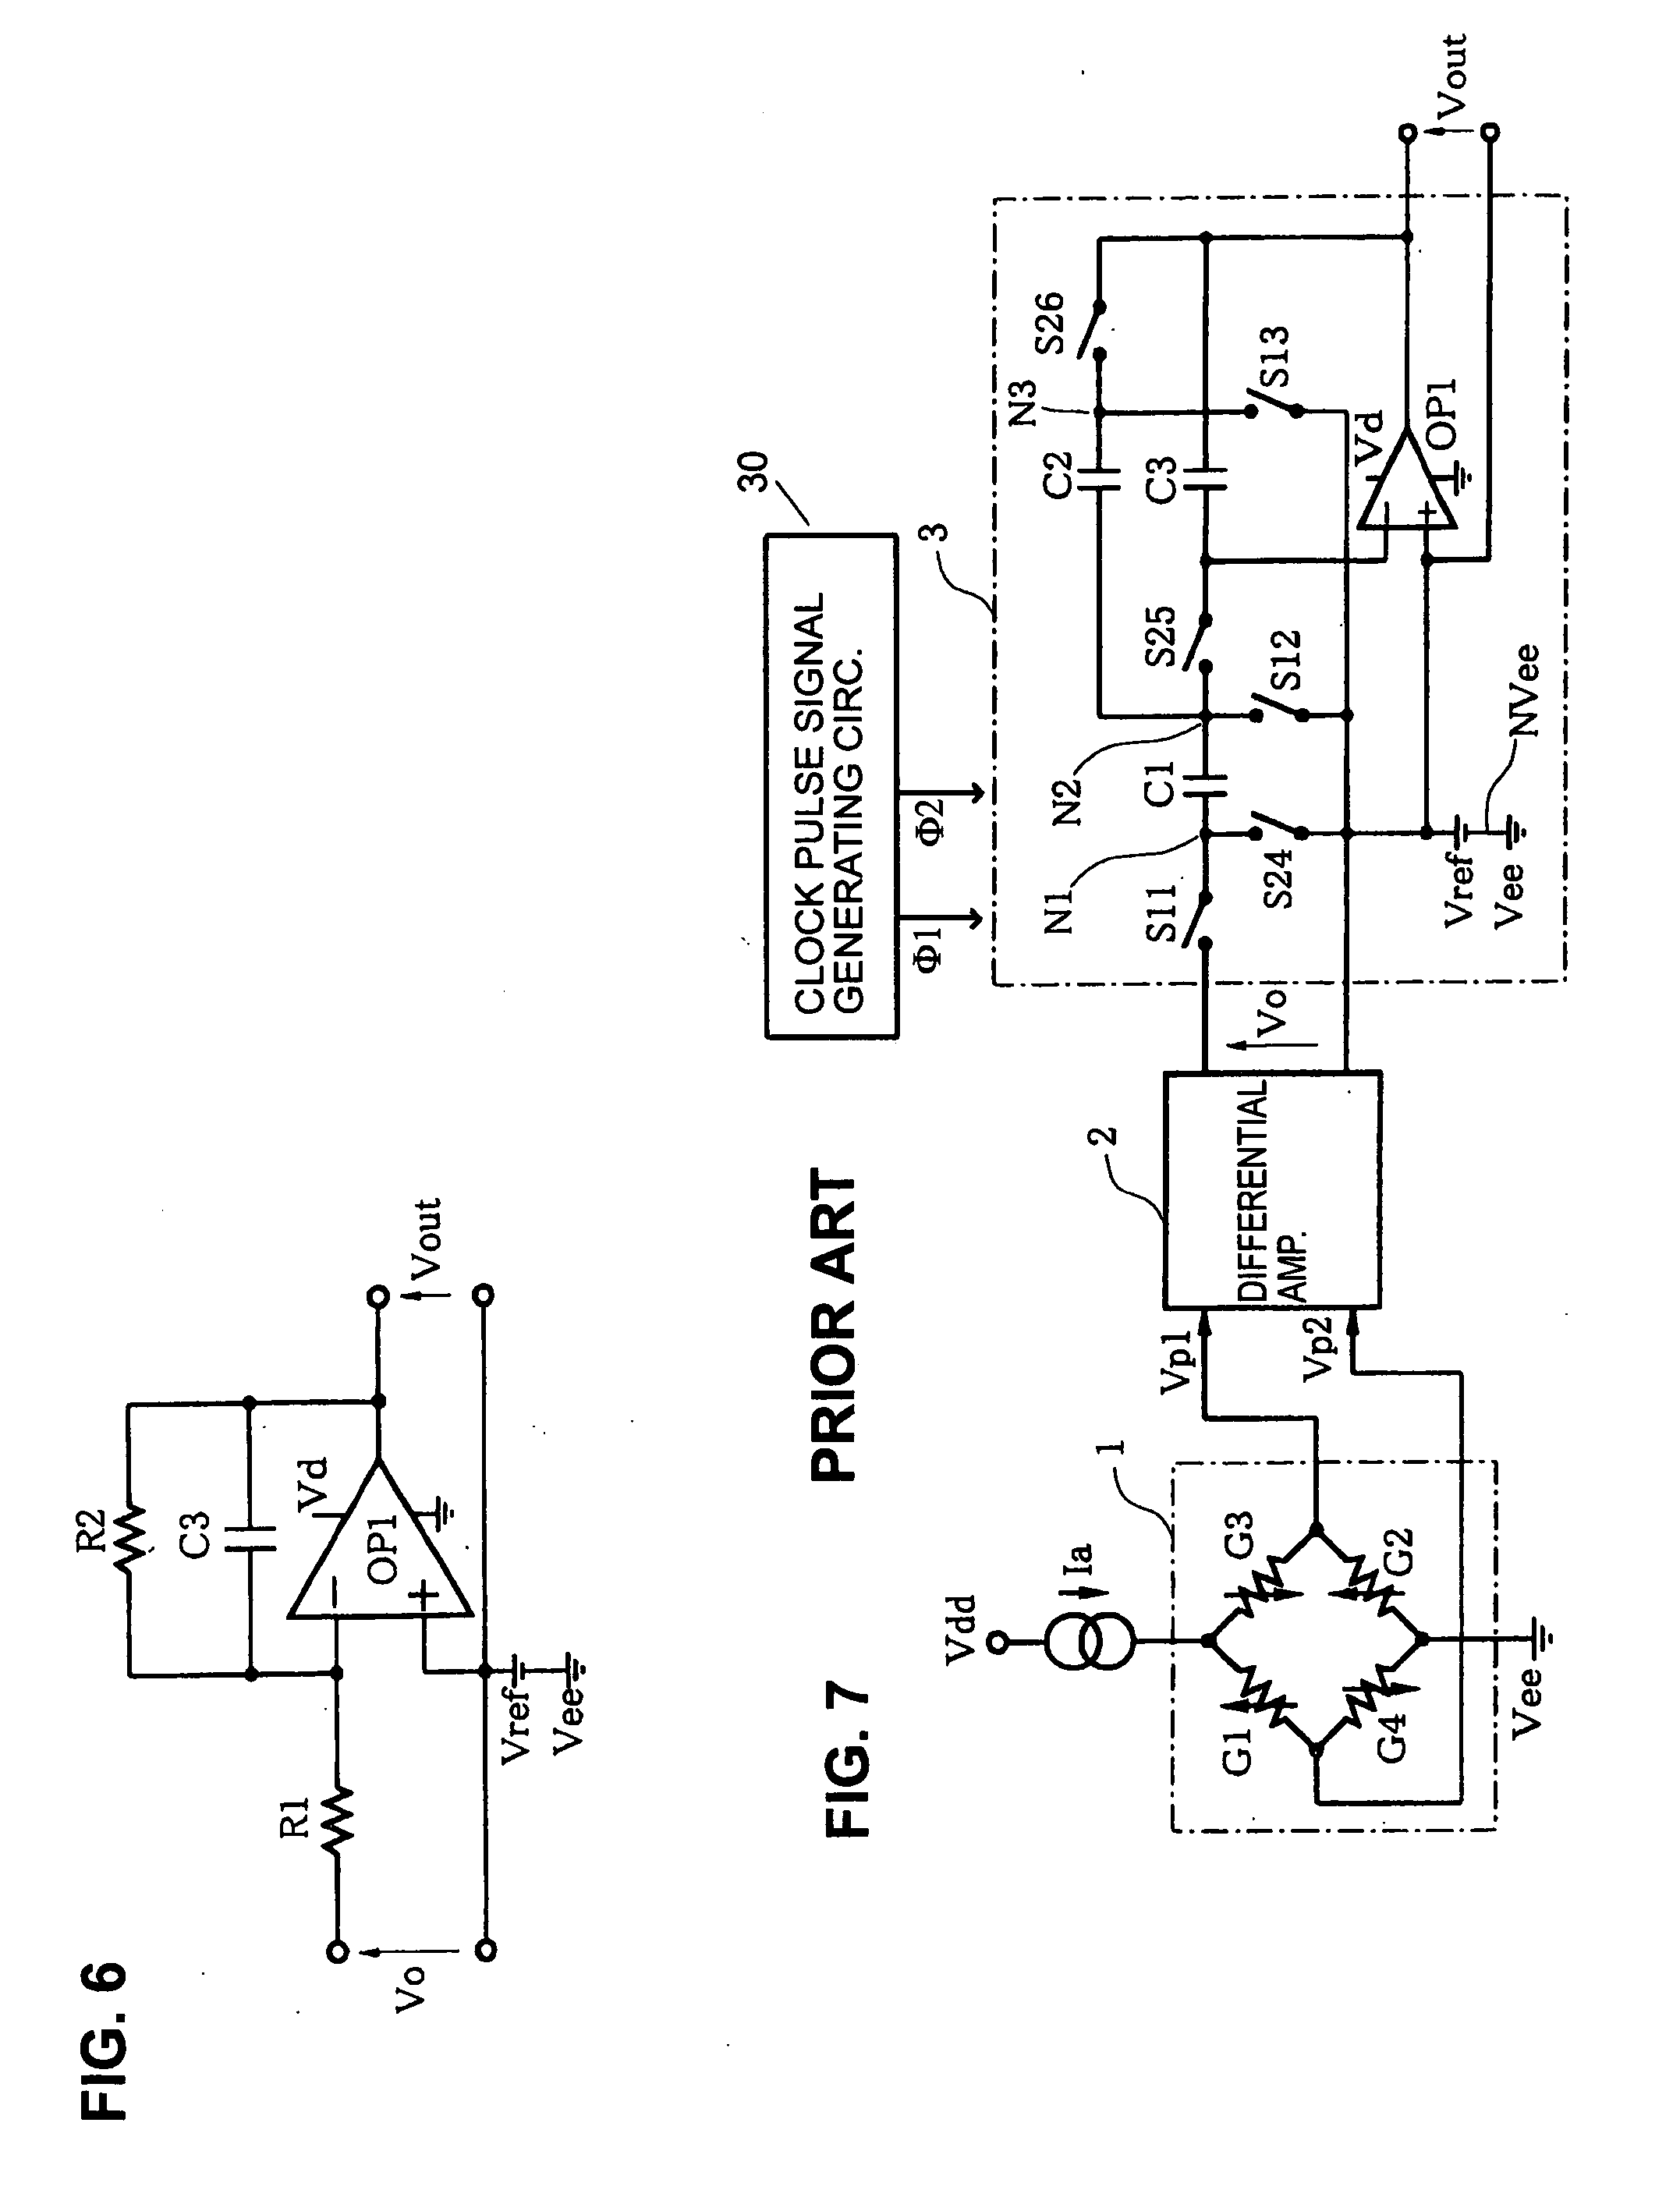 patent us20040174209